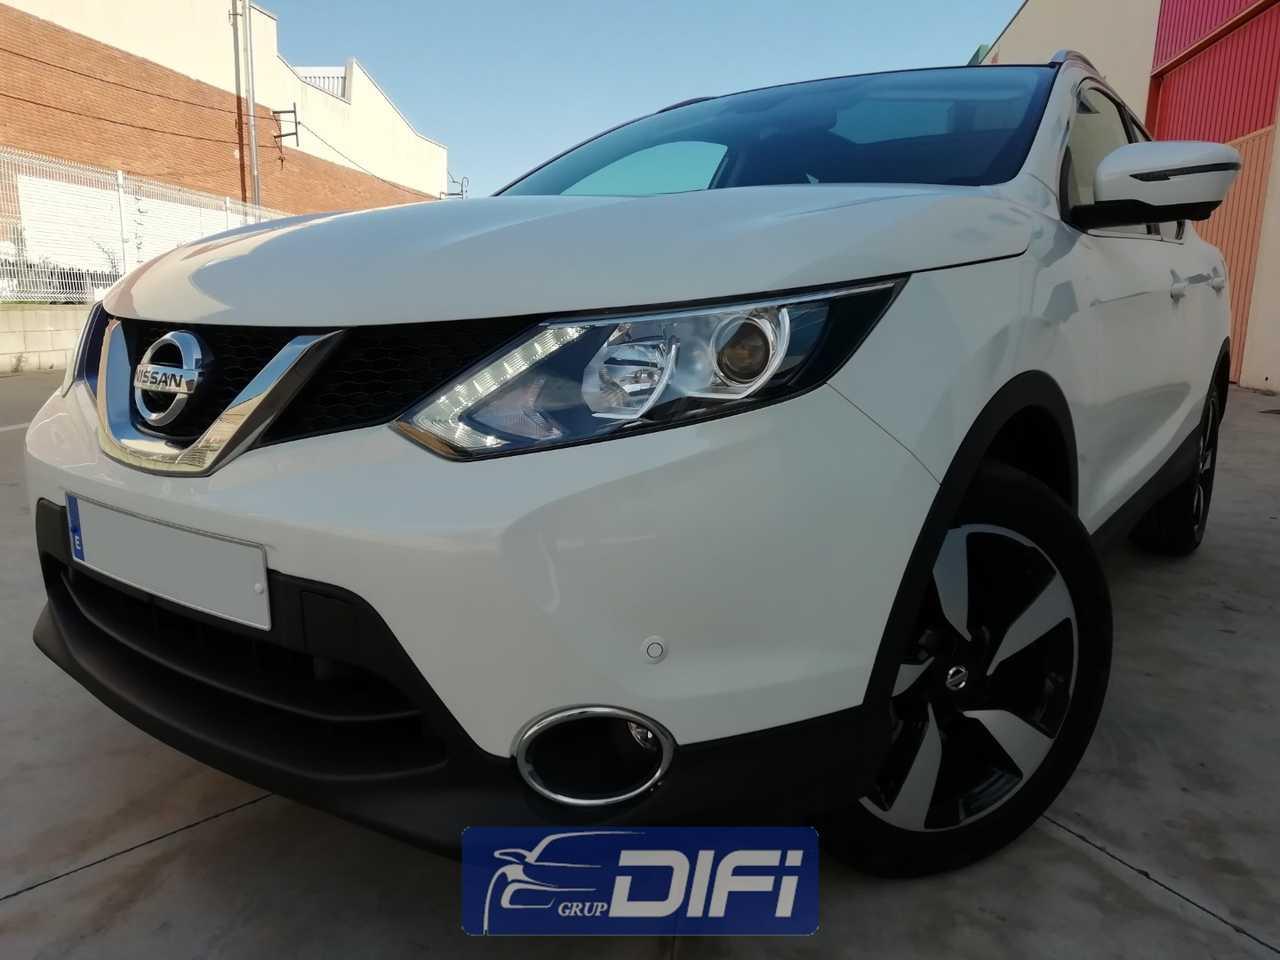 Nissan Qashqai 1.5 DCI 110CV N-CONNECTA   - Foto 1